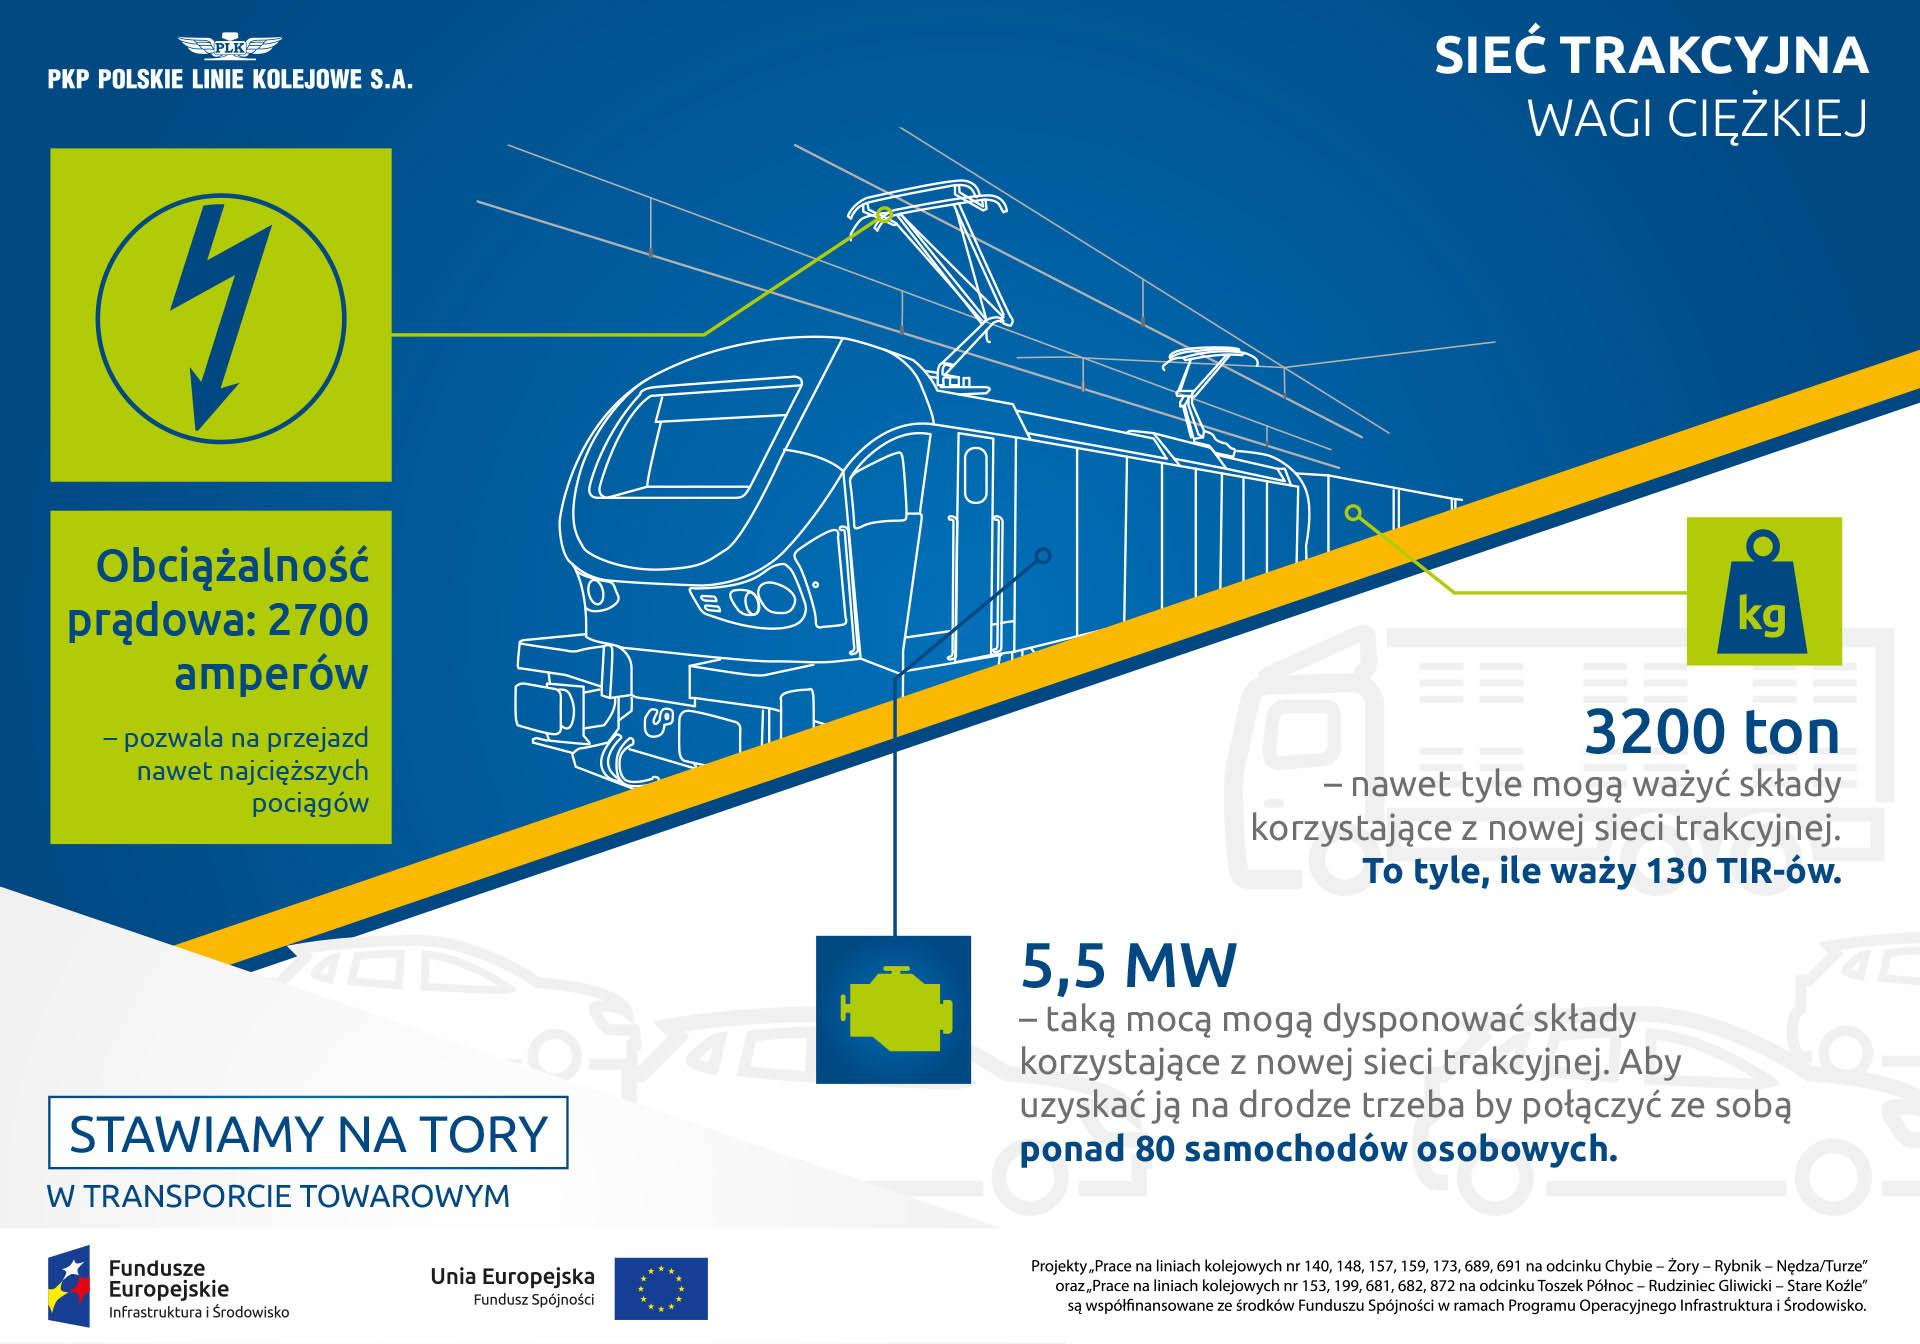 Infografika mówi o wykorzystaniu nowej trakcji. Po modernizacji obciążalność prądowa wzroście do dwóch tysięcy siedmiuset amperów a składy będą mogły dysponować mocą do pięciu i pół mega wata.